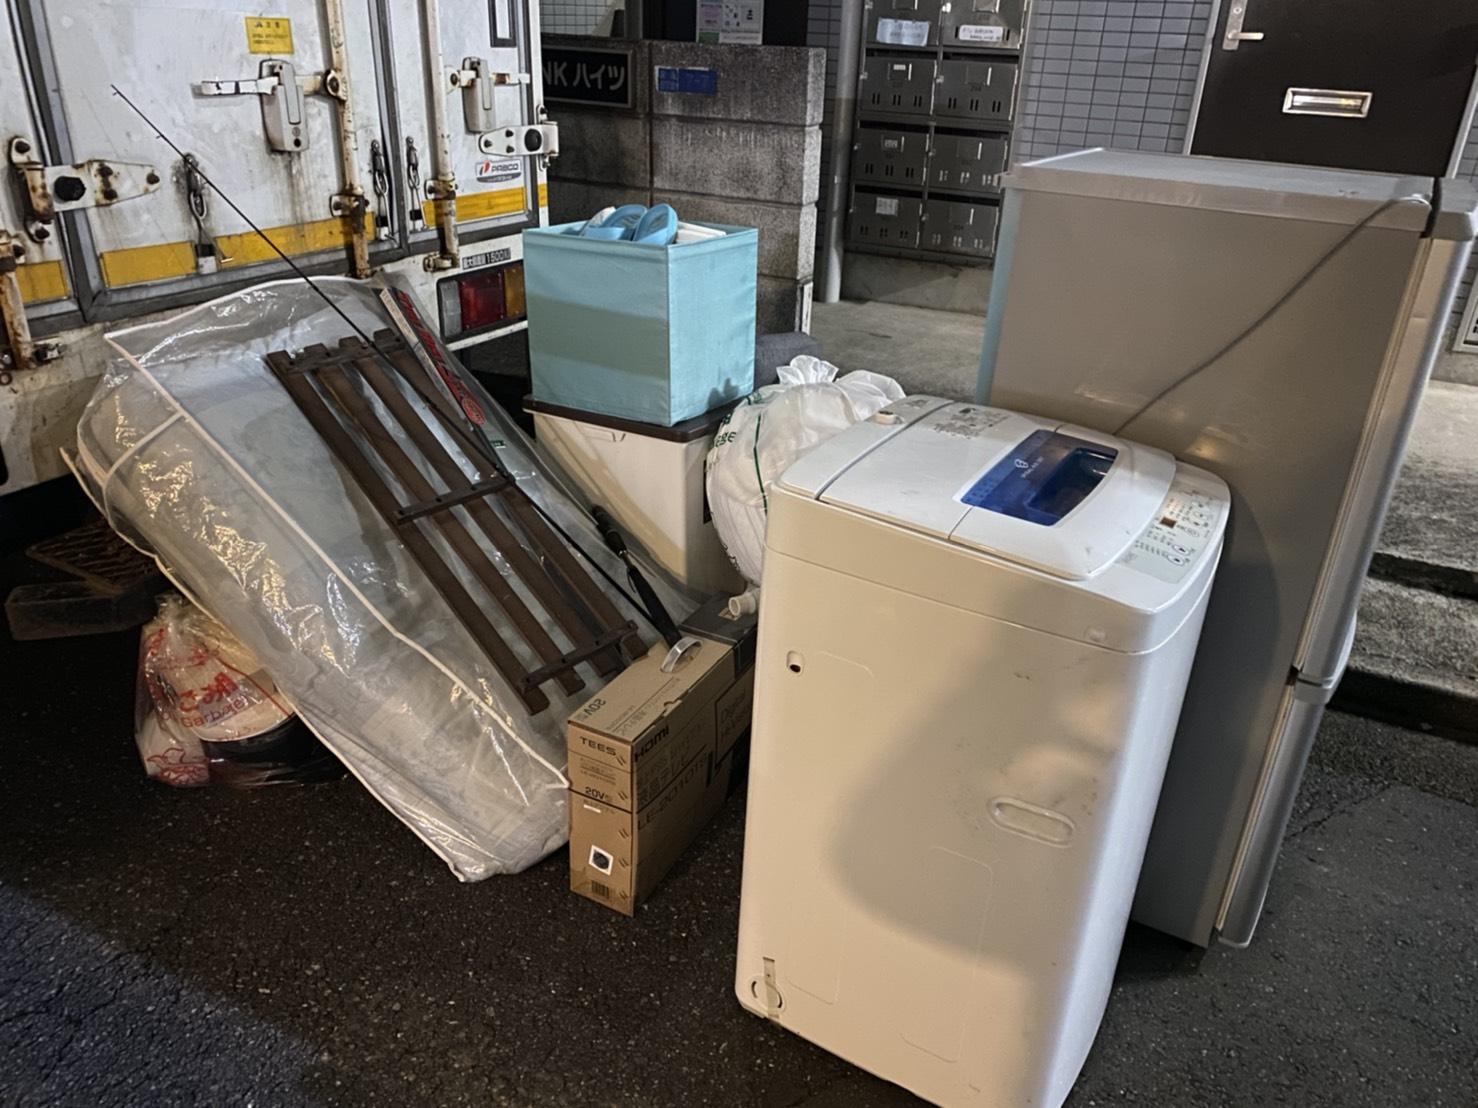 洗濯機、冷蔵庫、布団などの不用品の回収前